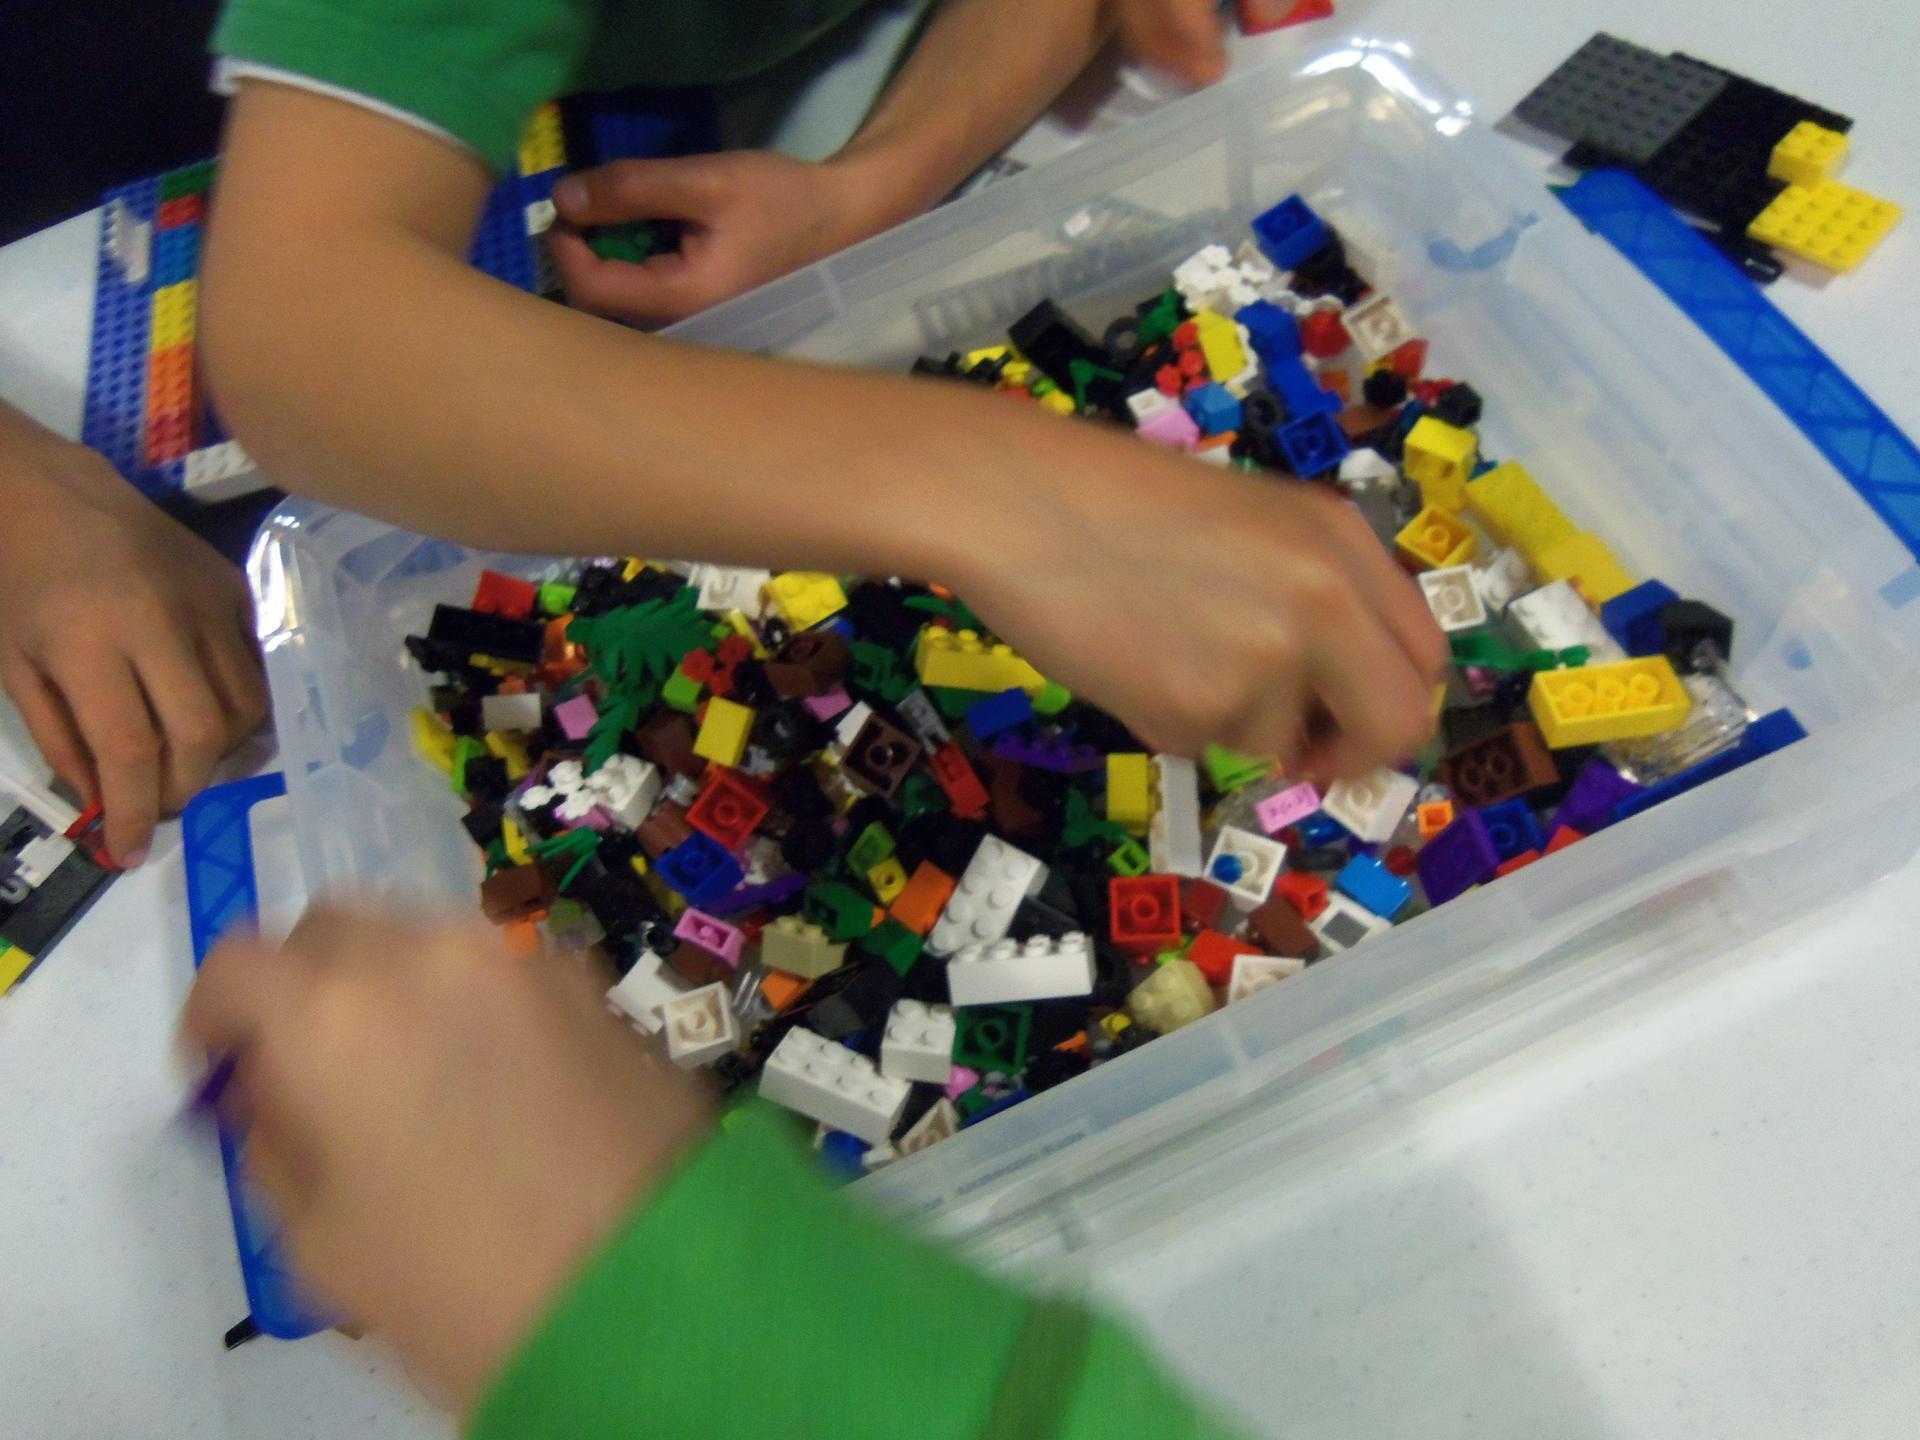 large box of lego bricks